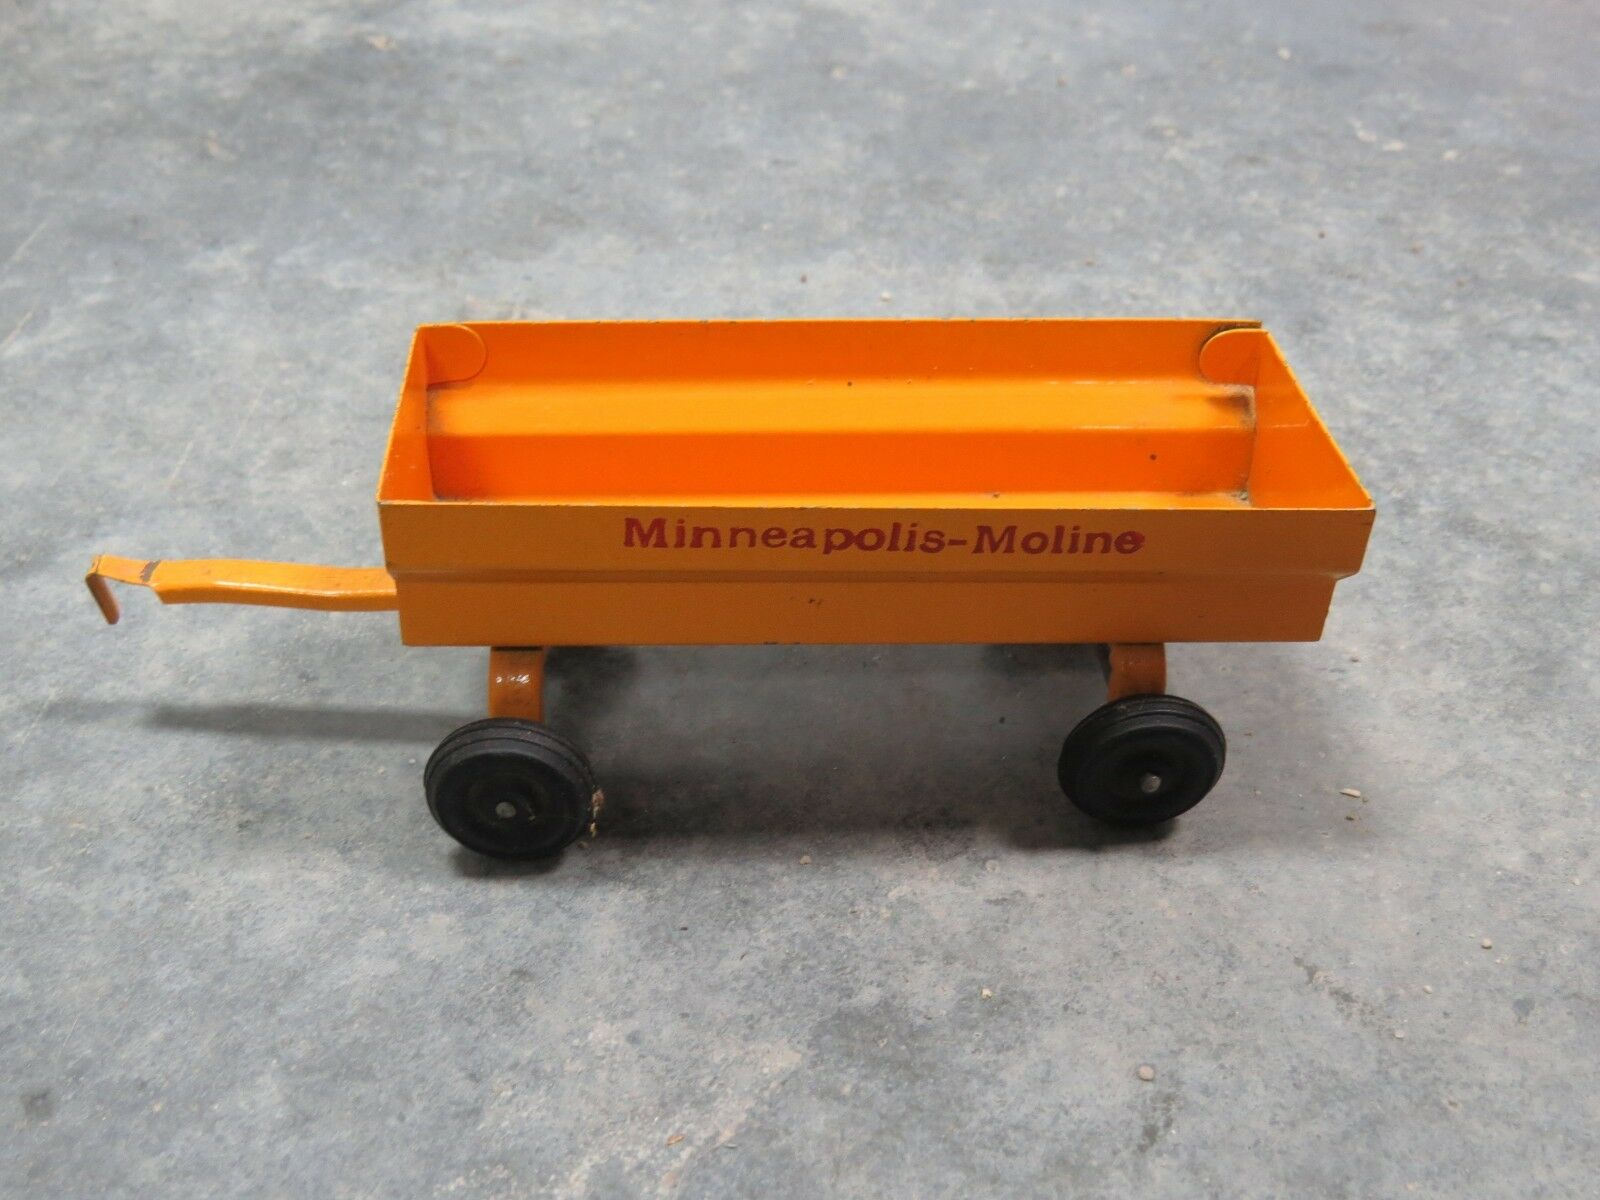 Vintage Minneapolis Moline Pressed Steel Wagon rare size unusual  1 32 1 25 SLIK